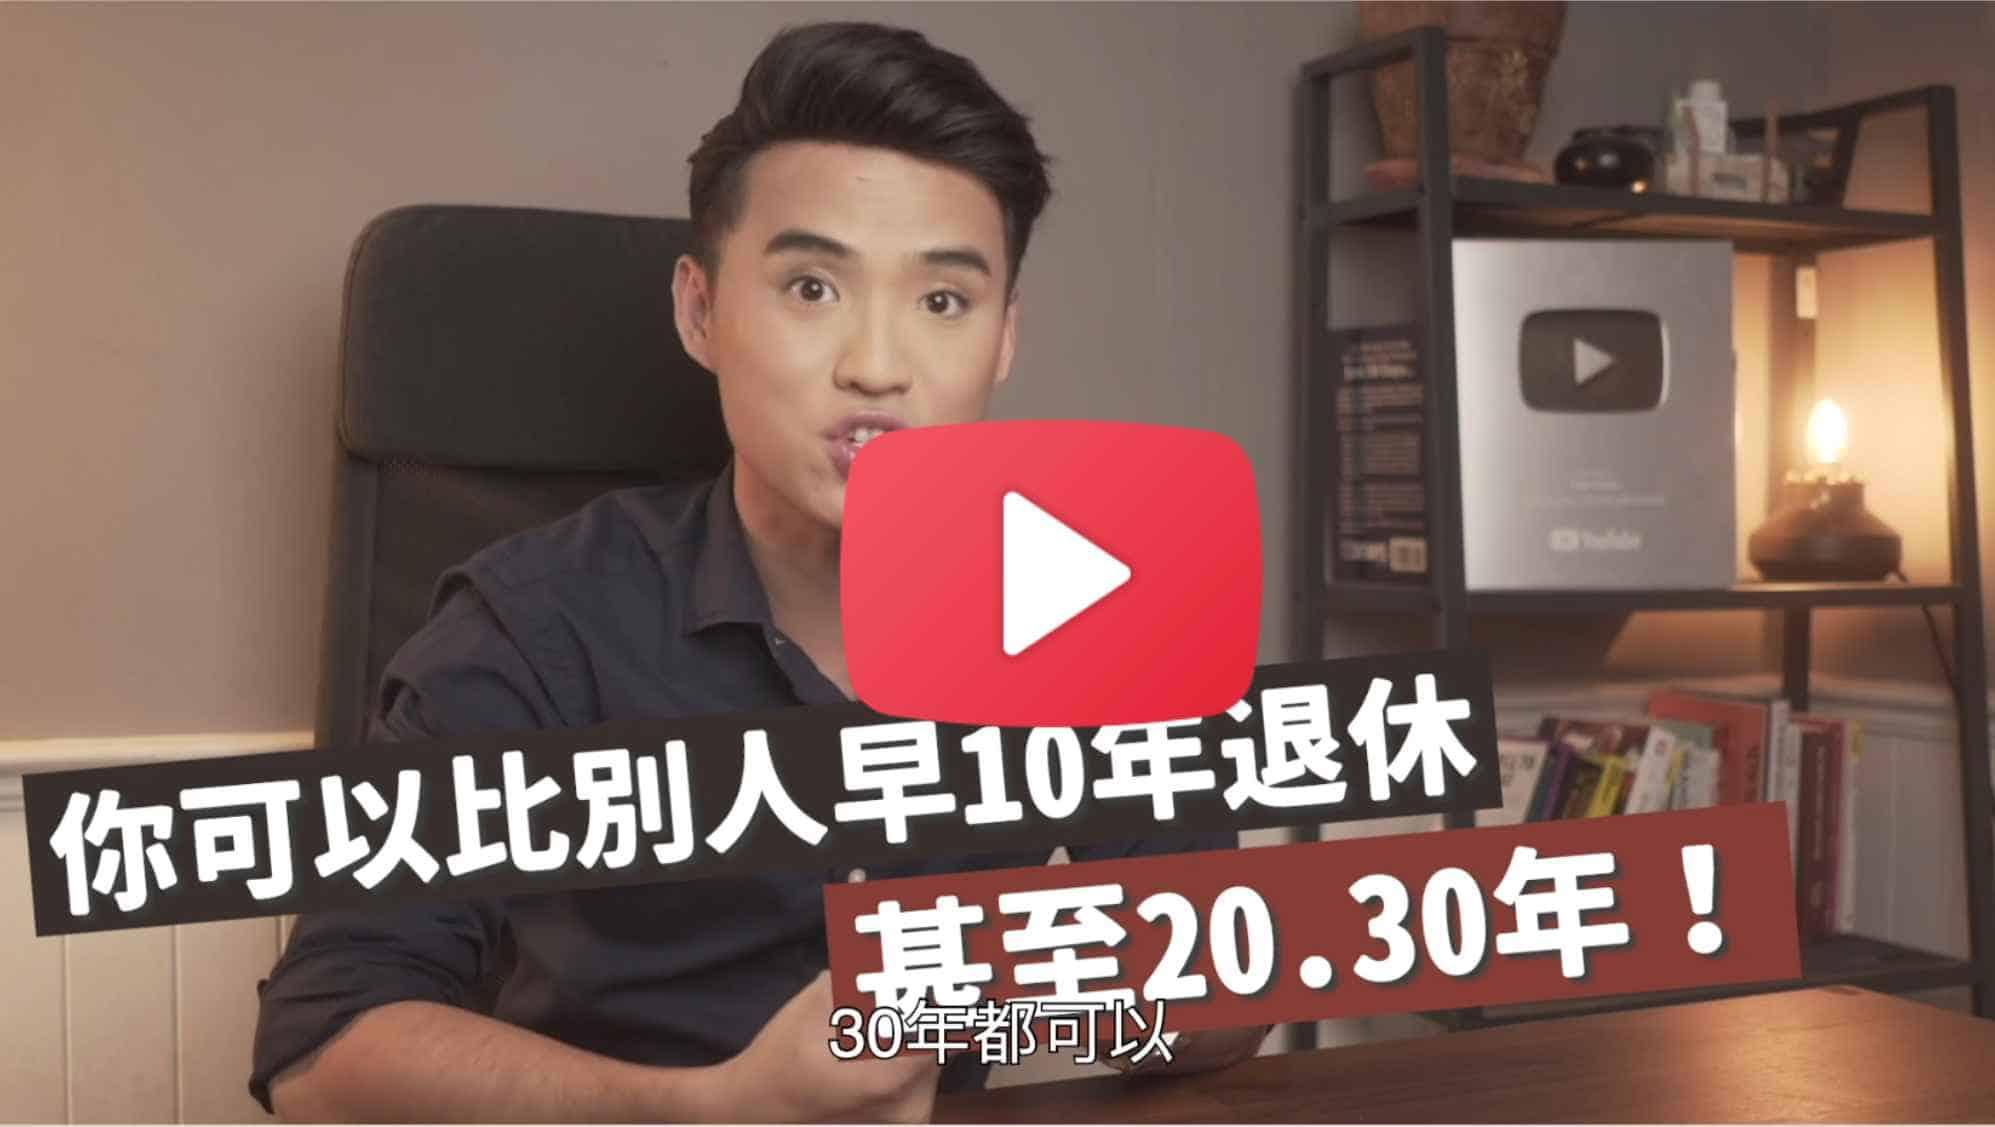 yale chen 美股投資課程秘密